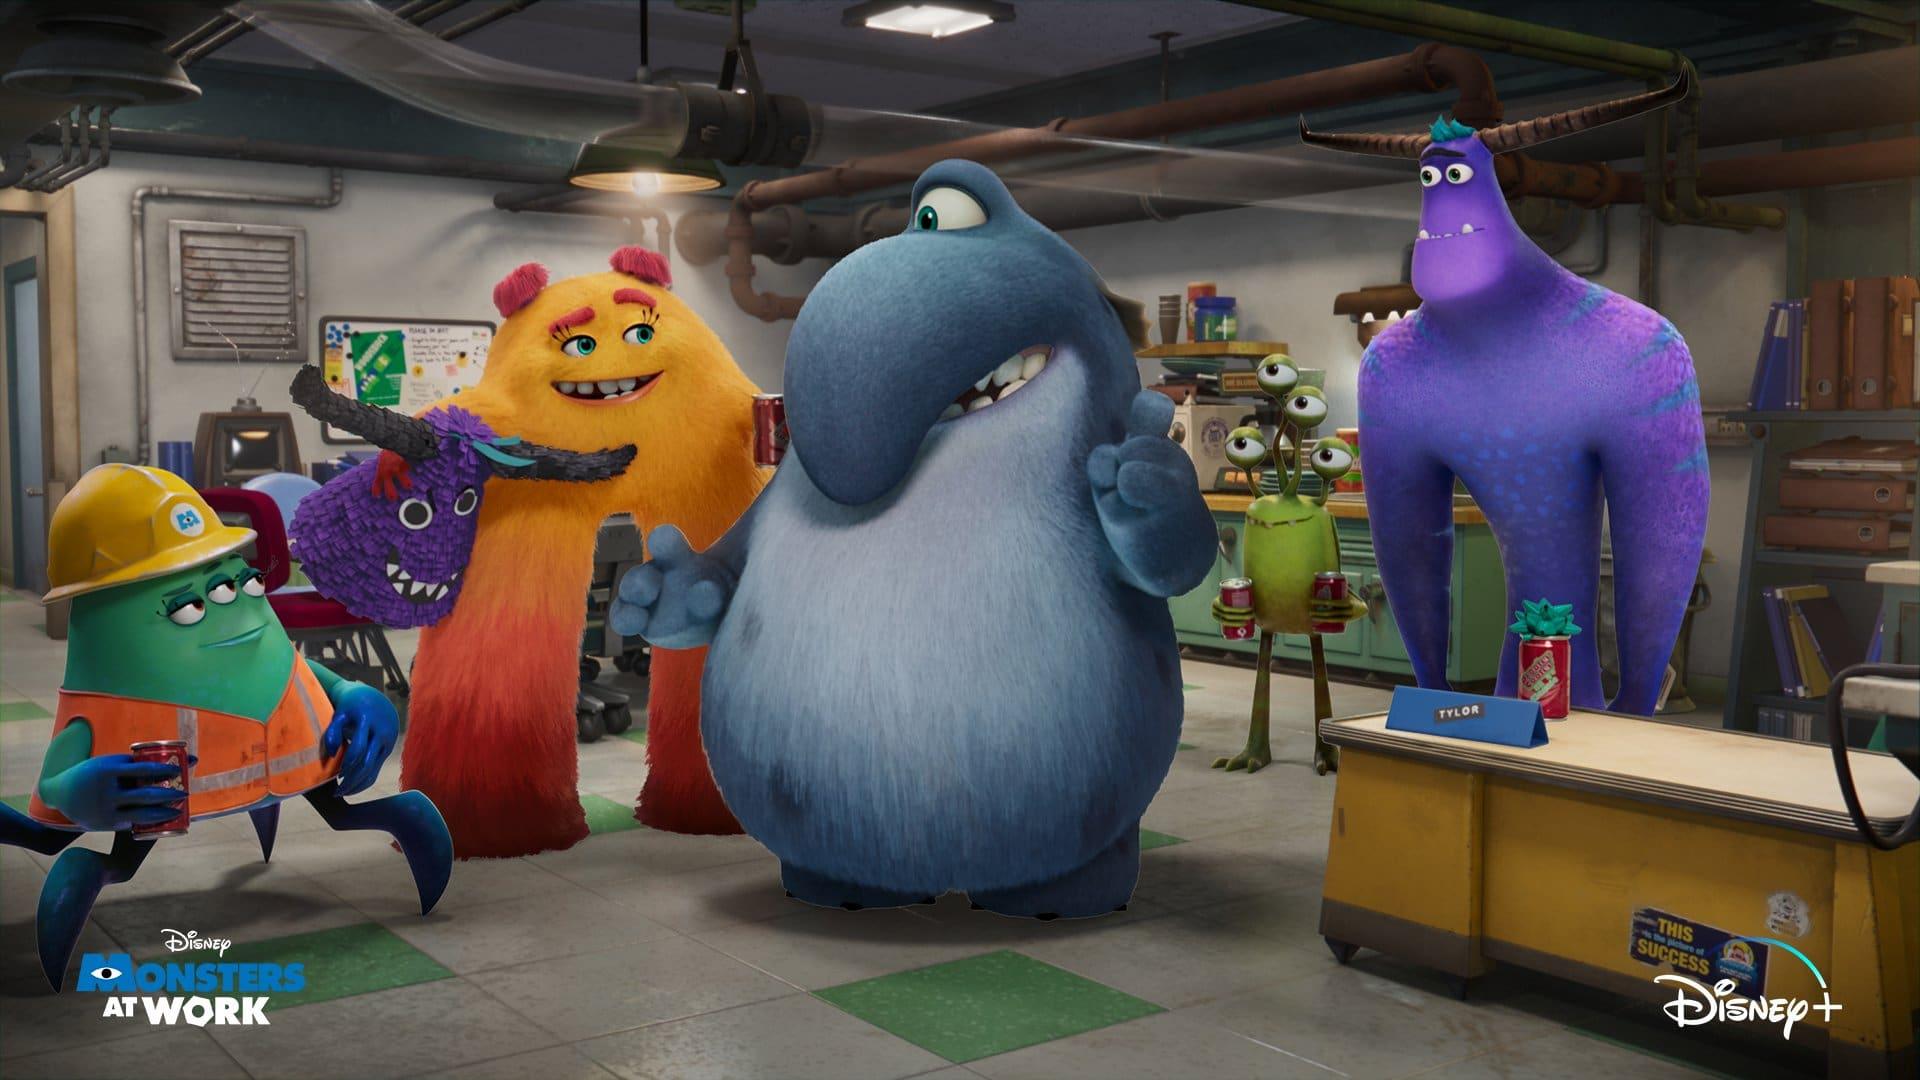 Monsters At Work, série de Monstros S.A., ganha imagem exclusiva